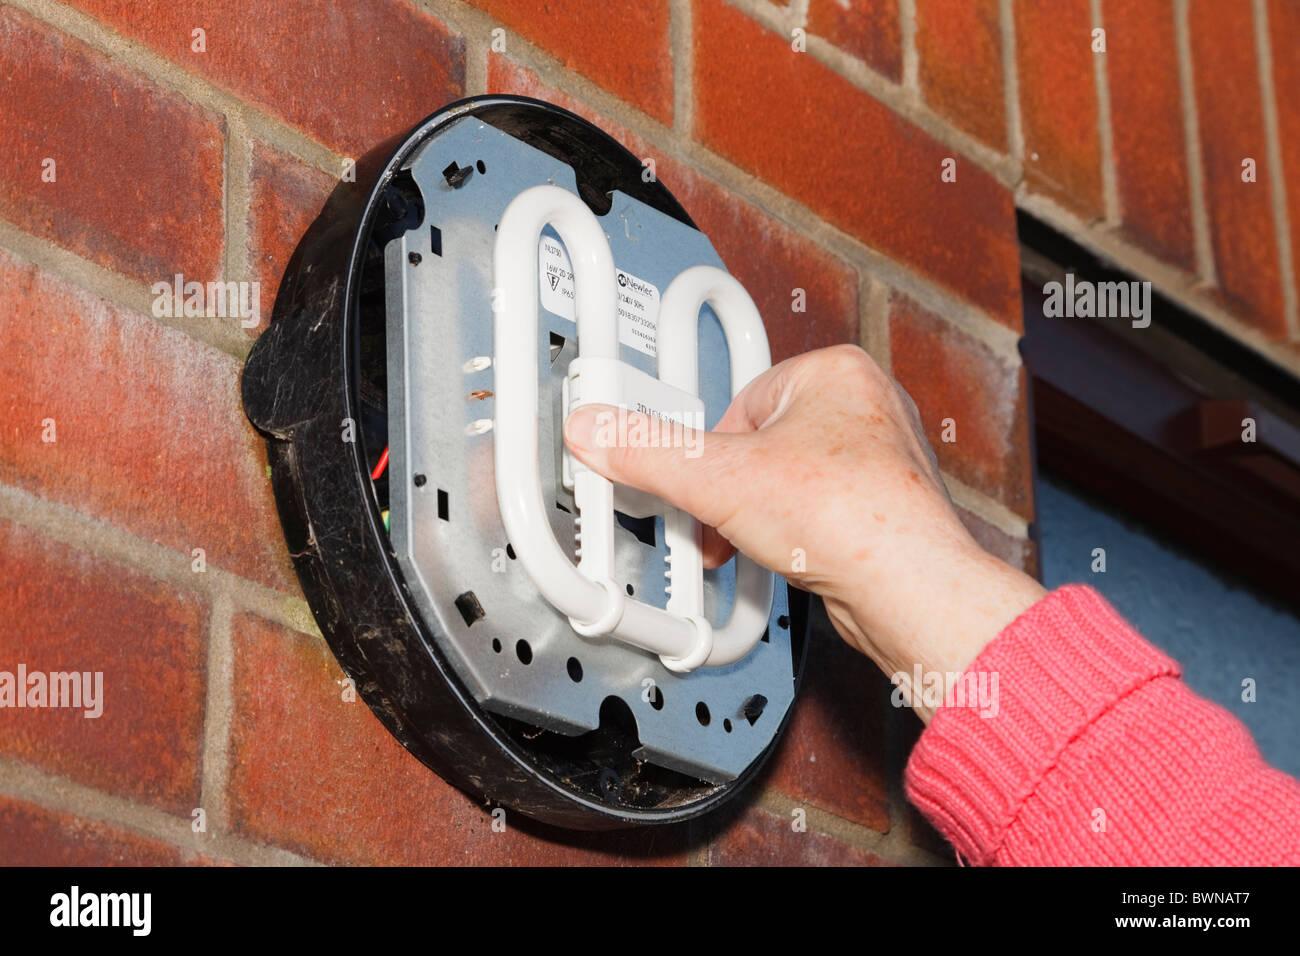 UK, Europa. Person passend eine Energiesparlampe CFL 2-Pin-Lampe in einem außen Licht Stockbild